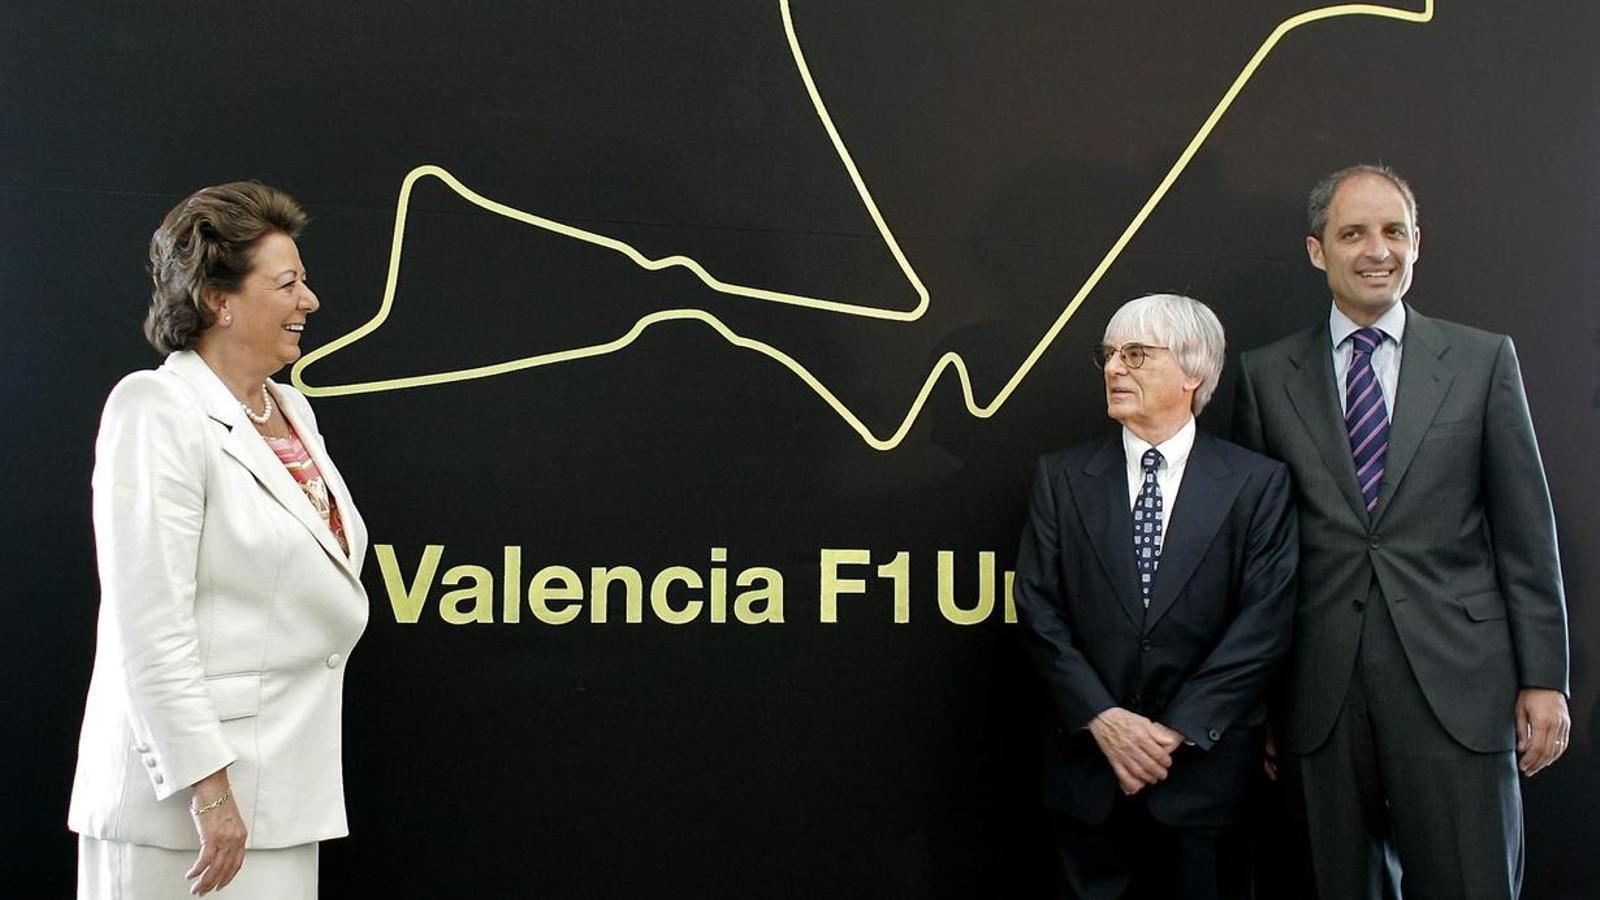 La jutge confirma la imputació de Camps per les irregularitats en la Fórmula 1 a València